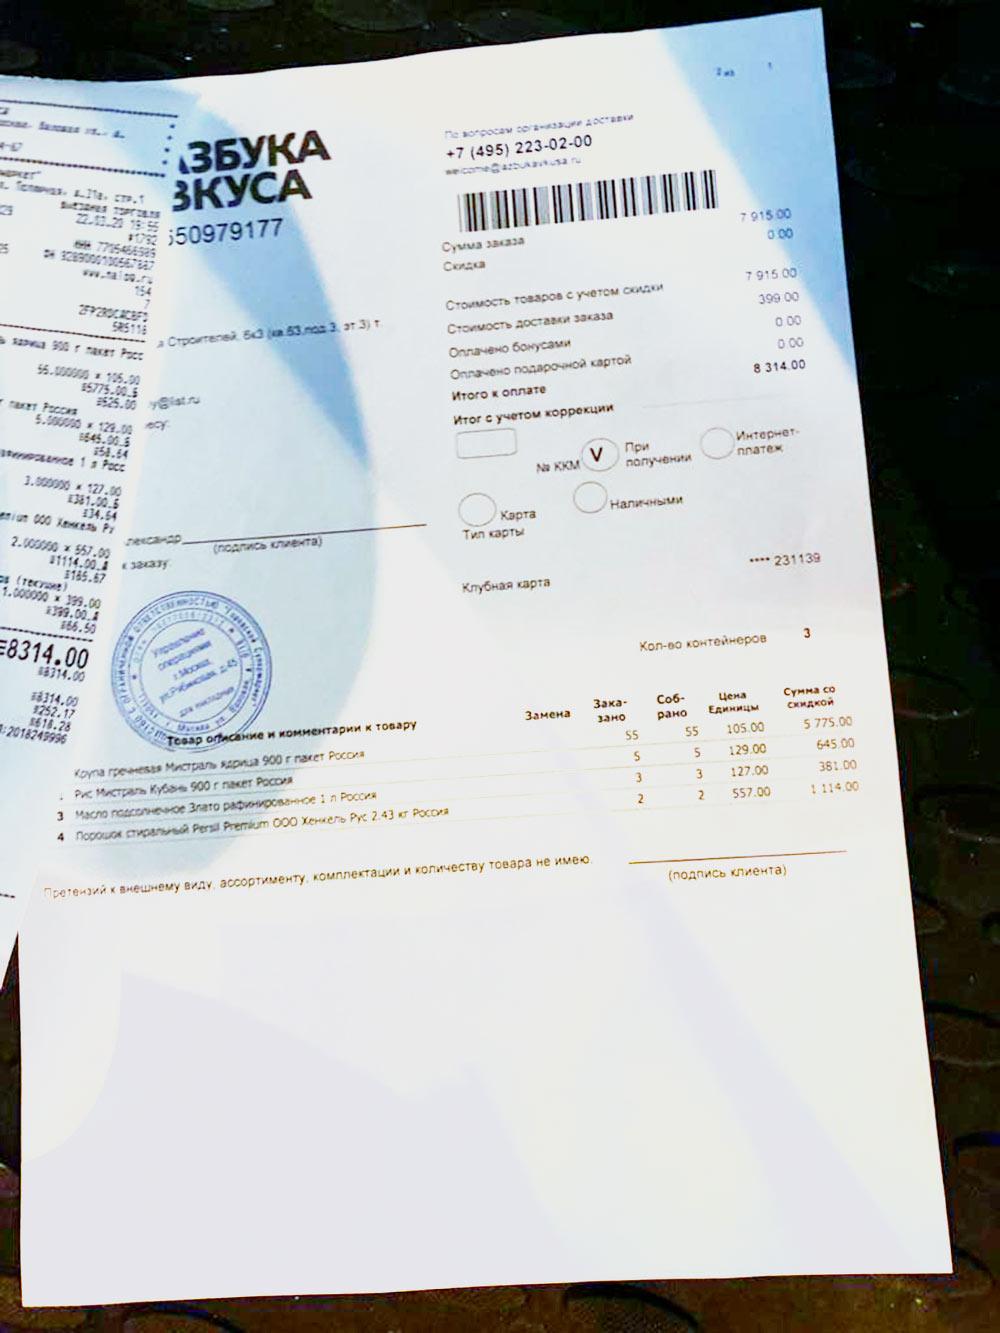 Цены на гречку на рынке достигали 180<span class=ruble>Р</span> за 900 г. Несмотря на это, ее все&nbsp;равно всю скупили. Нам удалось купить гречневую крупу по 105<span class=ruble>Р</span>